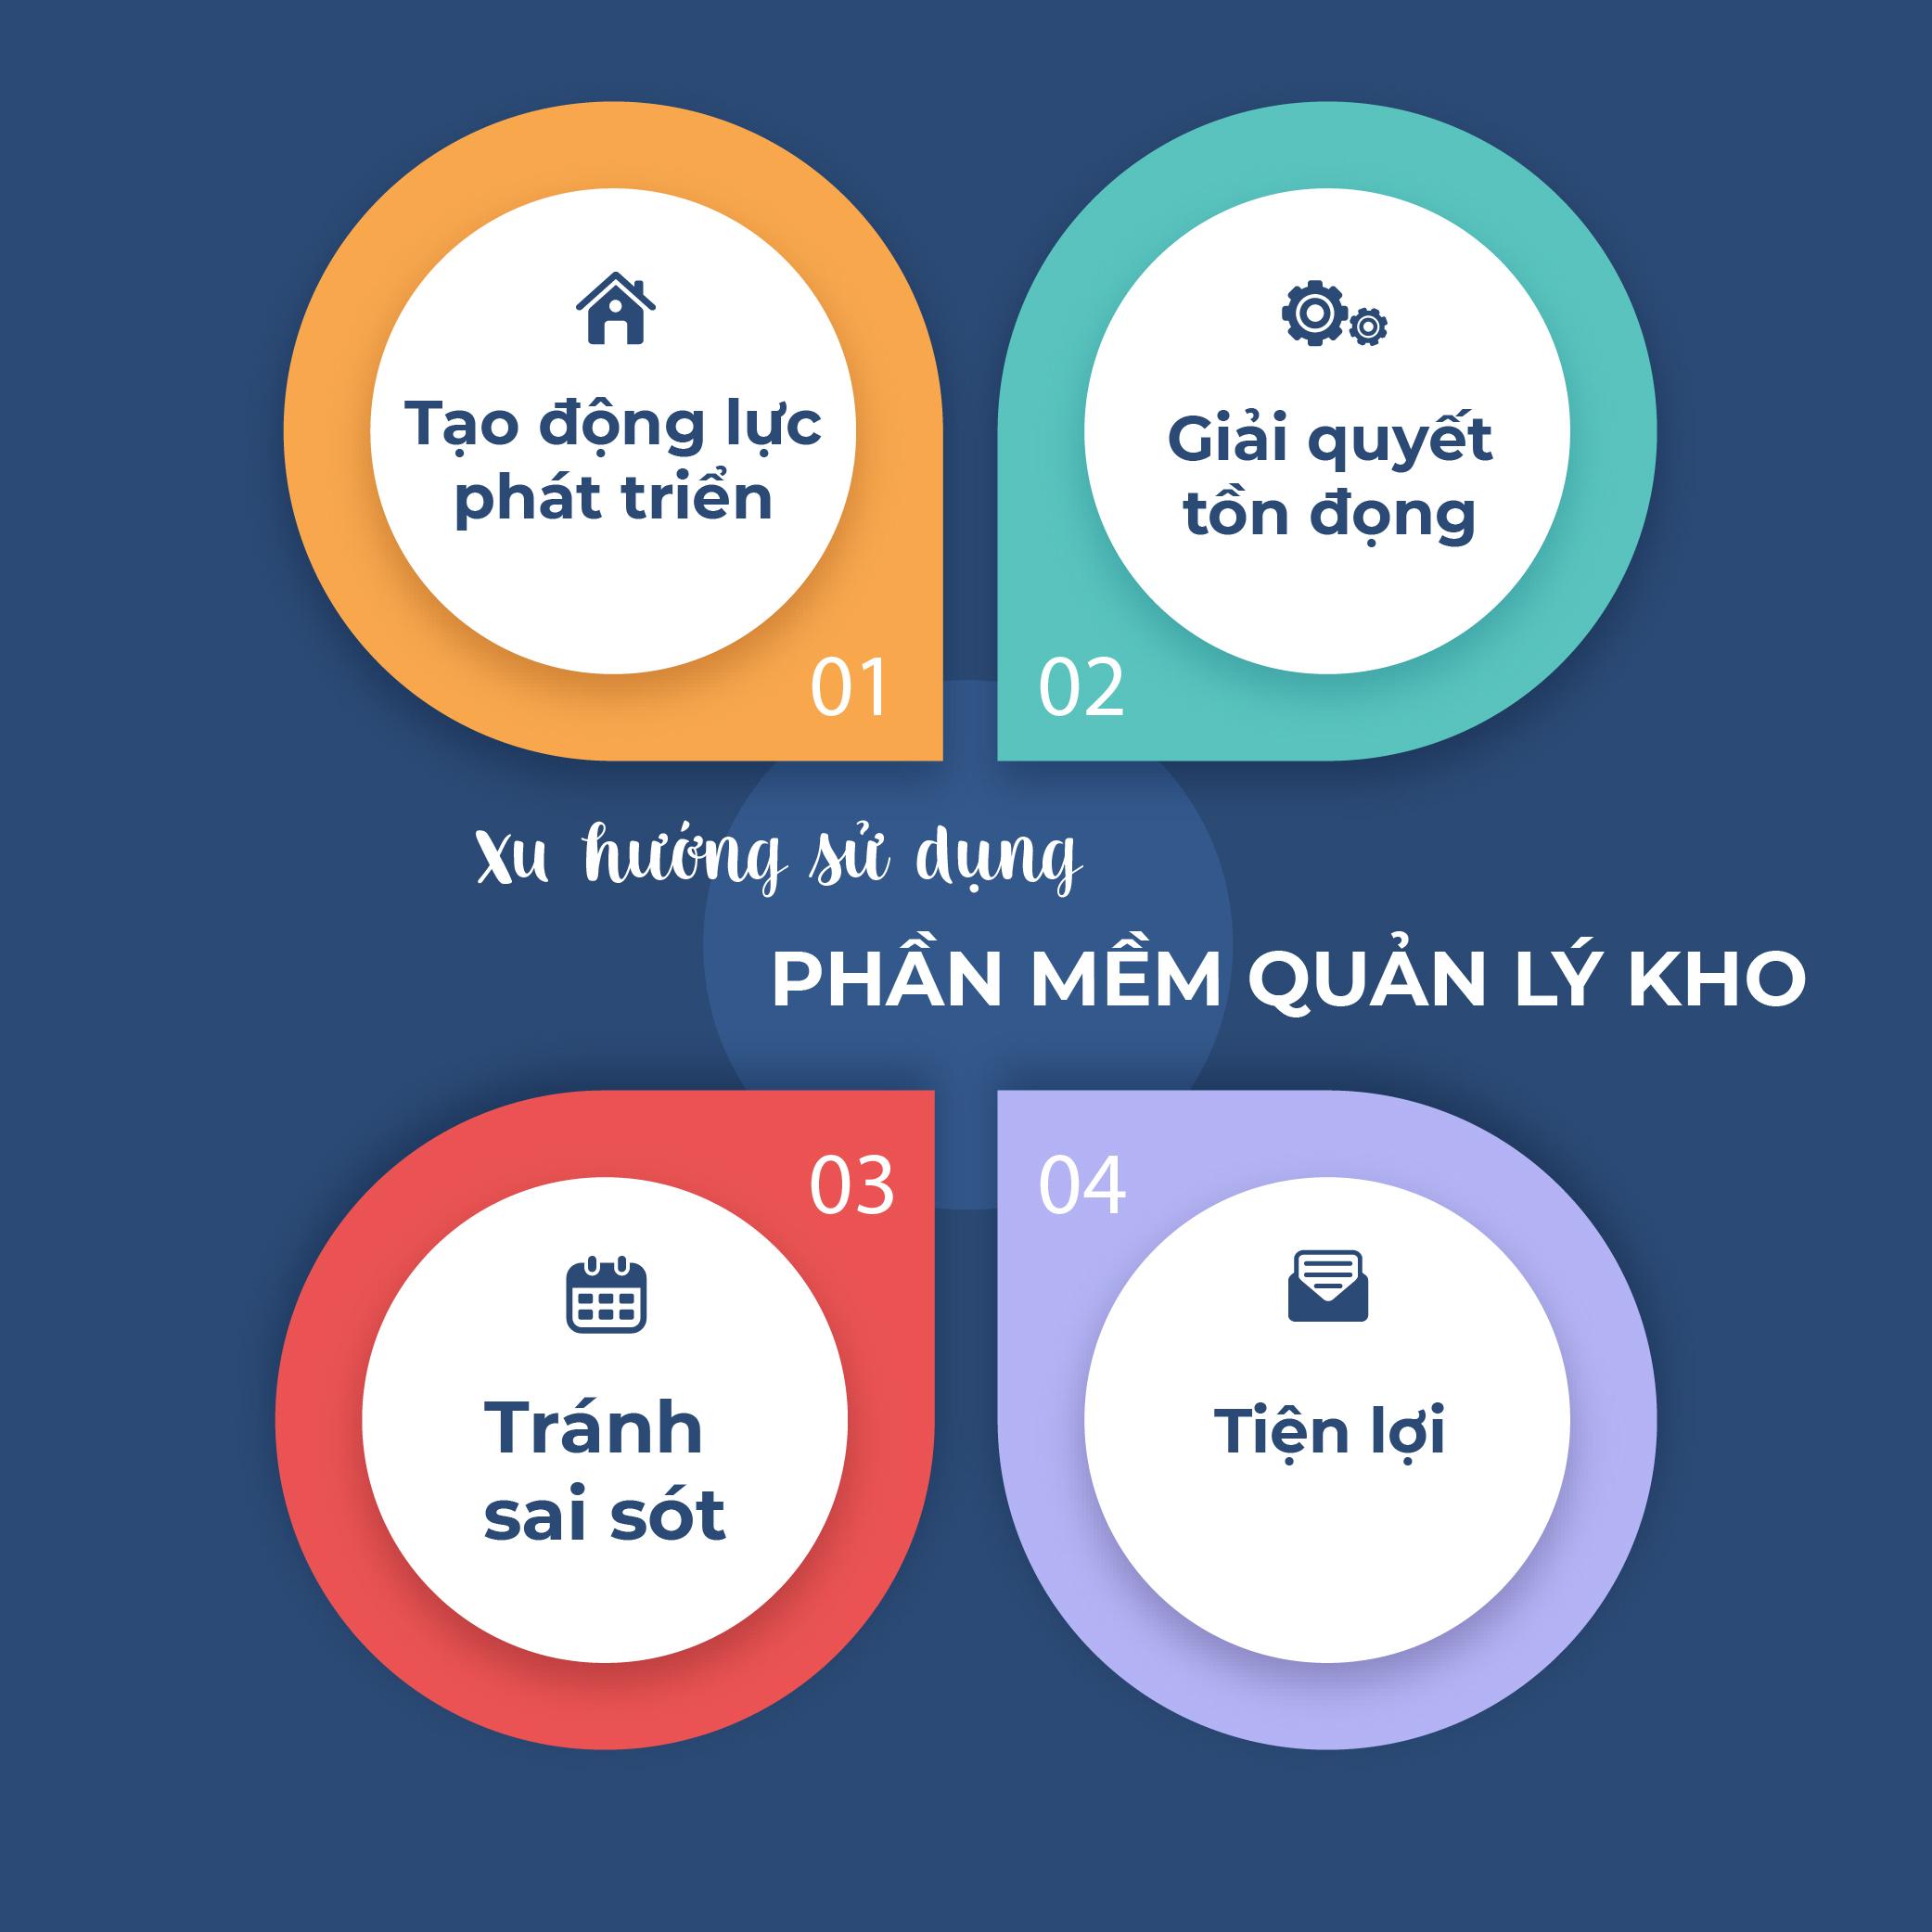 xu-huong-su-dung-phan-mem-quan-ly-kho-01